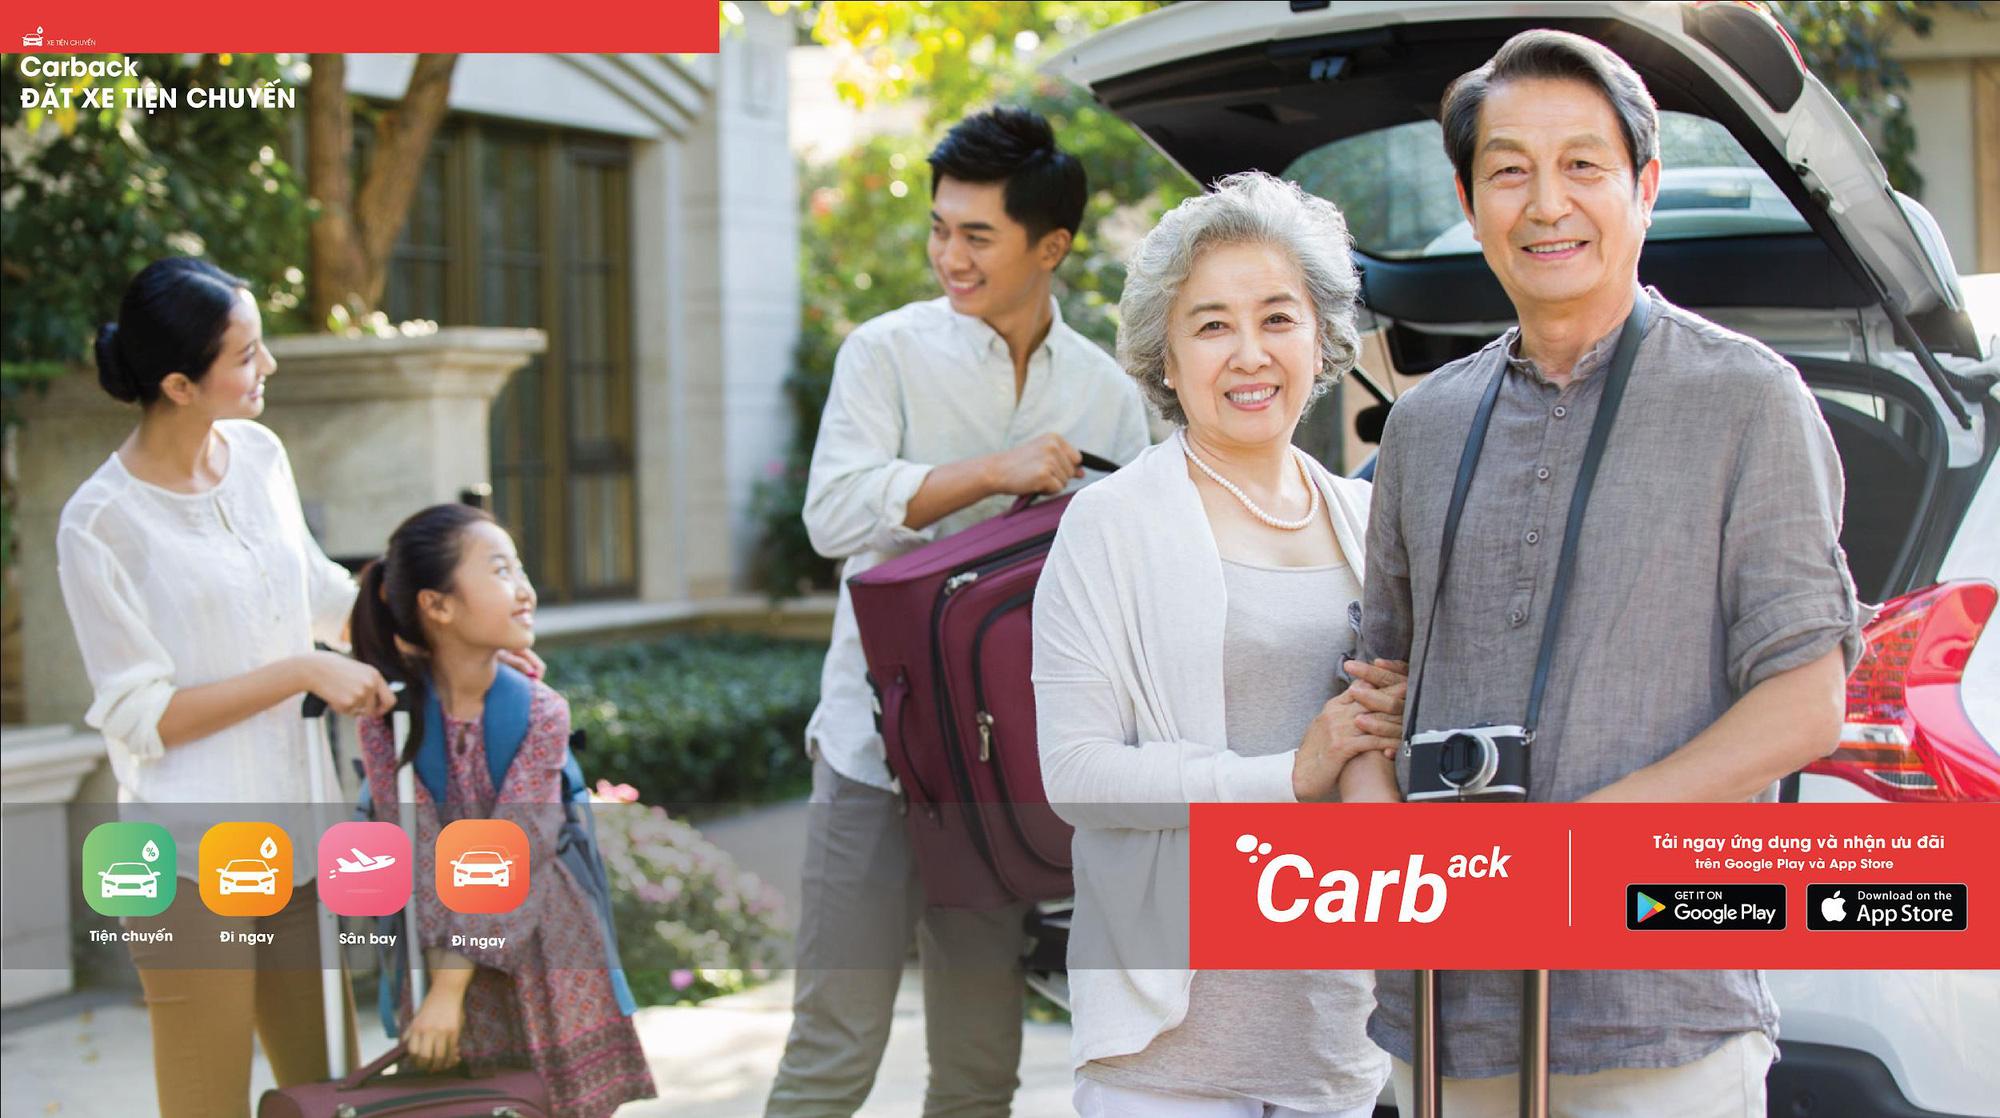 Carback: Đặt xe con đi tỉnh, du lịch, về quê giá bằng đi xe khách! - Ảnh 1.